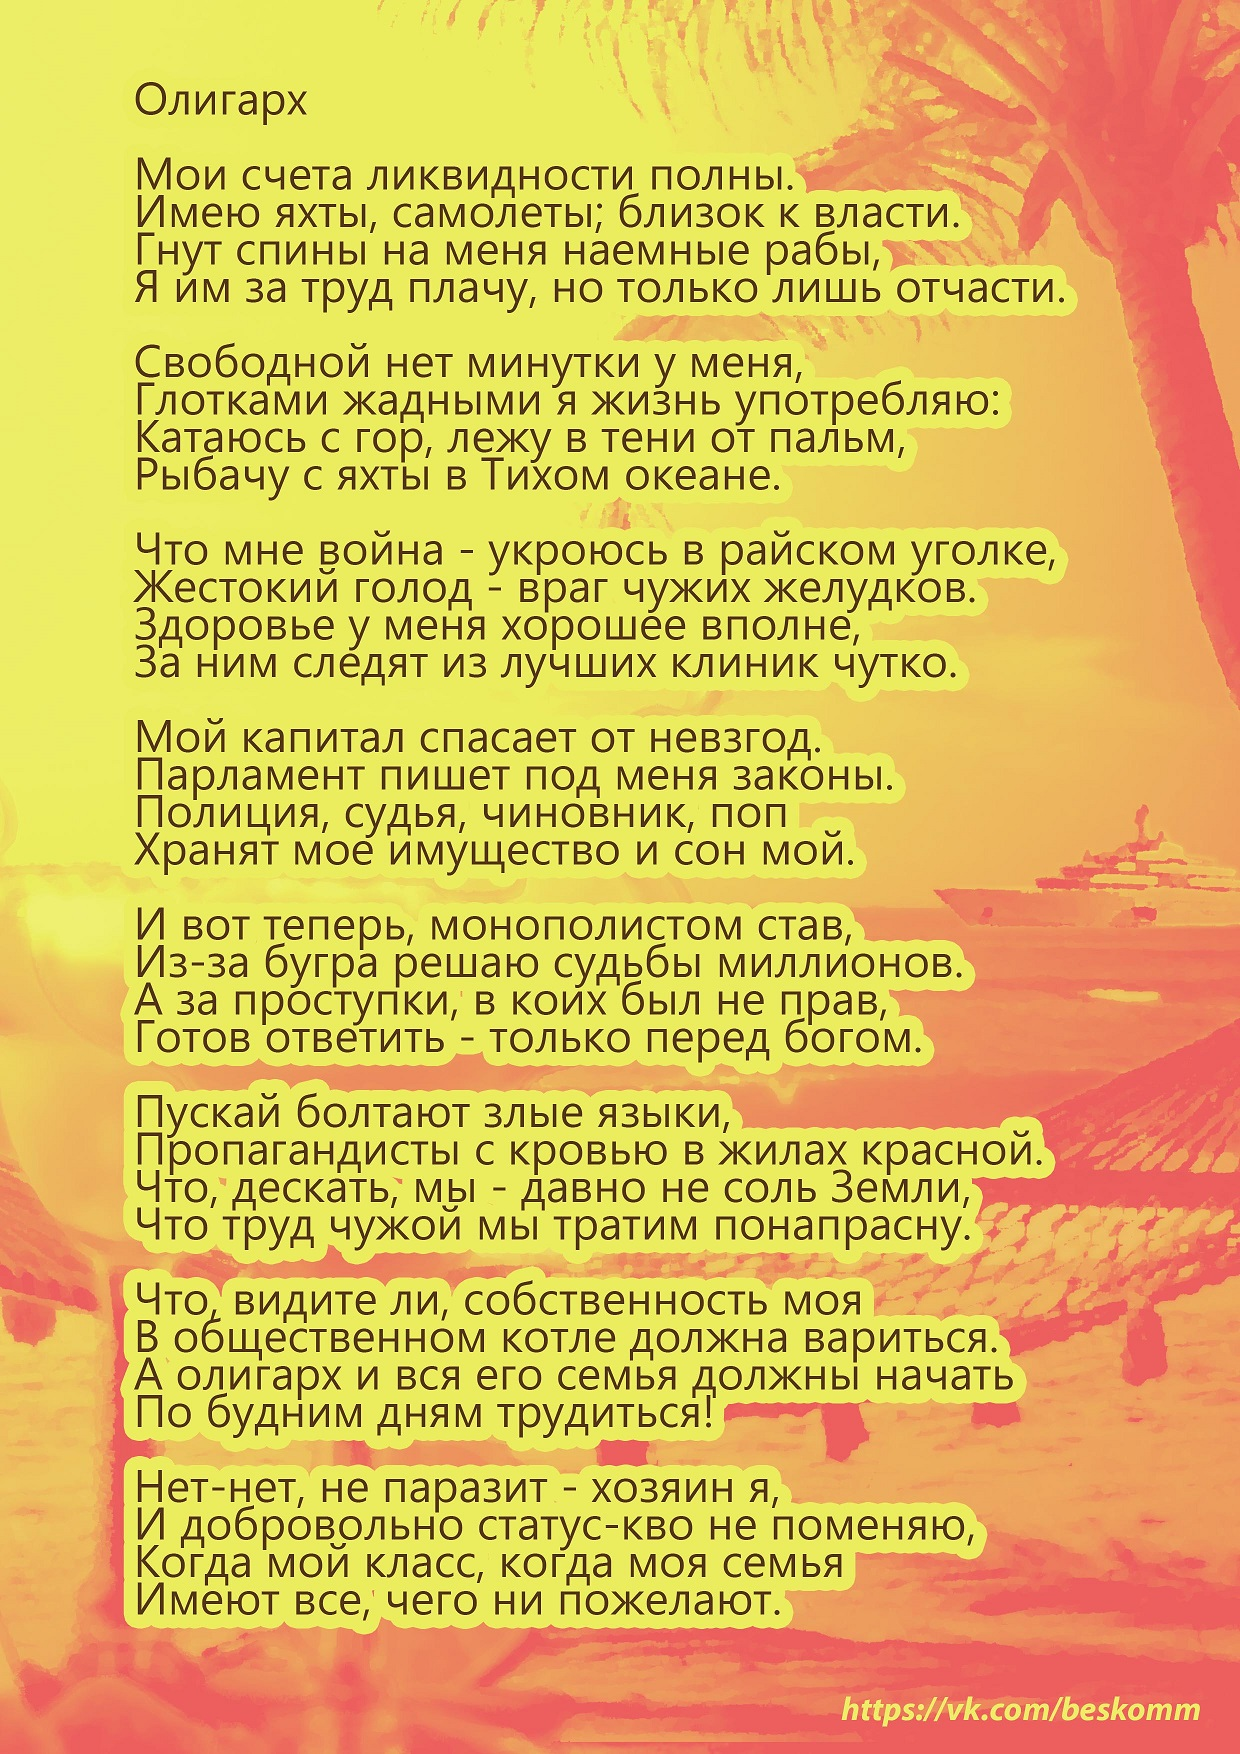 Beskom_Stikh_Oligarkh.jpg